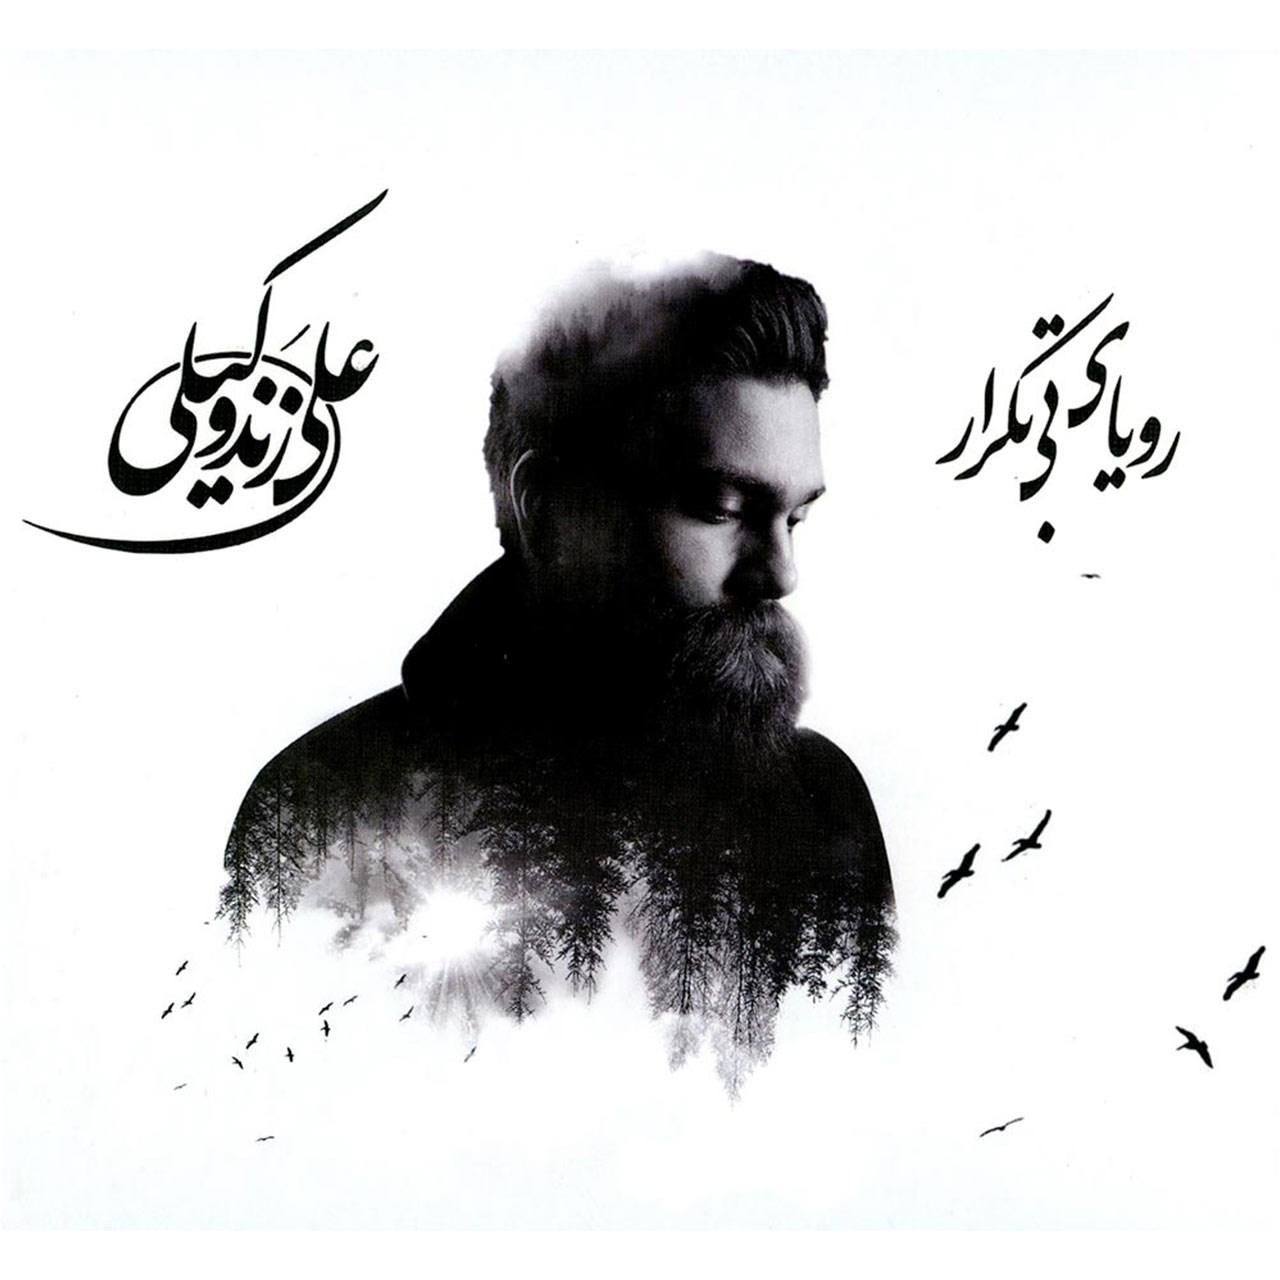 آلبوم موسیقی رویای بی تکرار اثر علی زند وکیلی - بسته بندی مقوایی